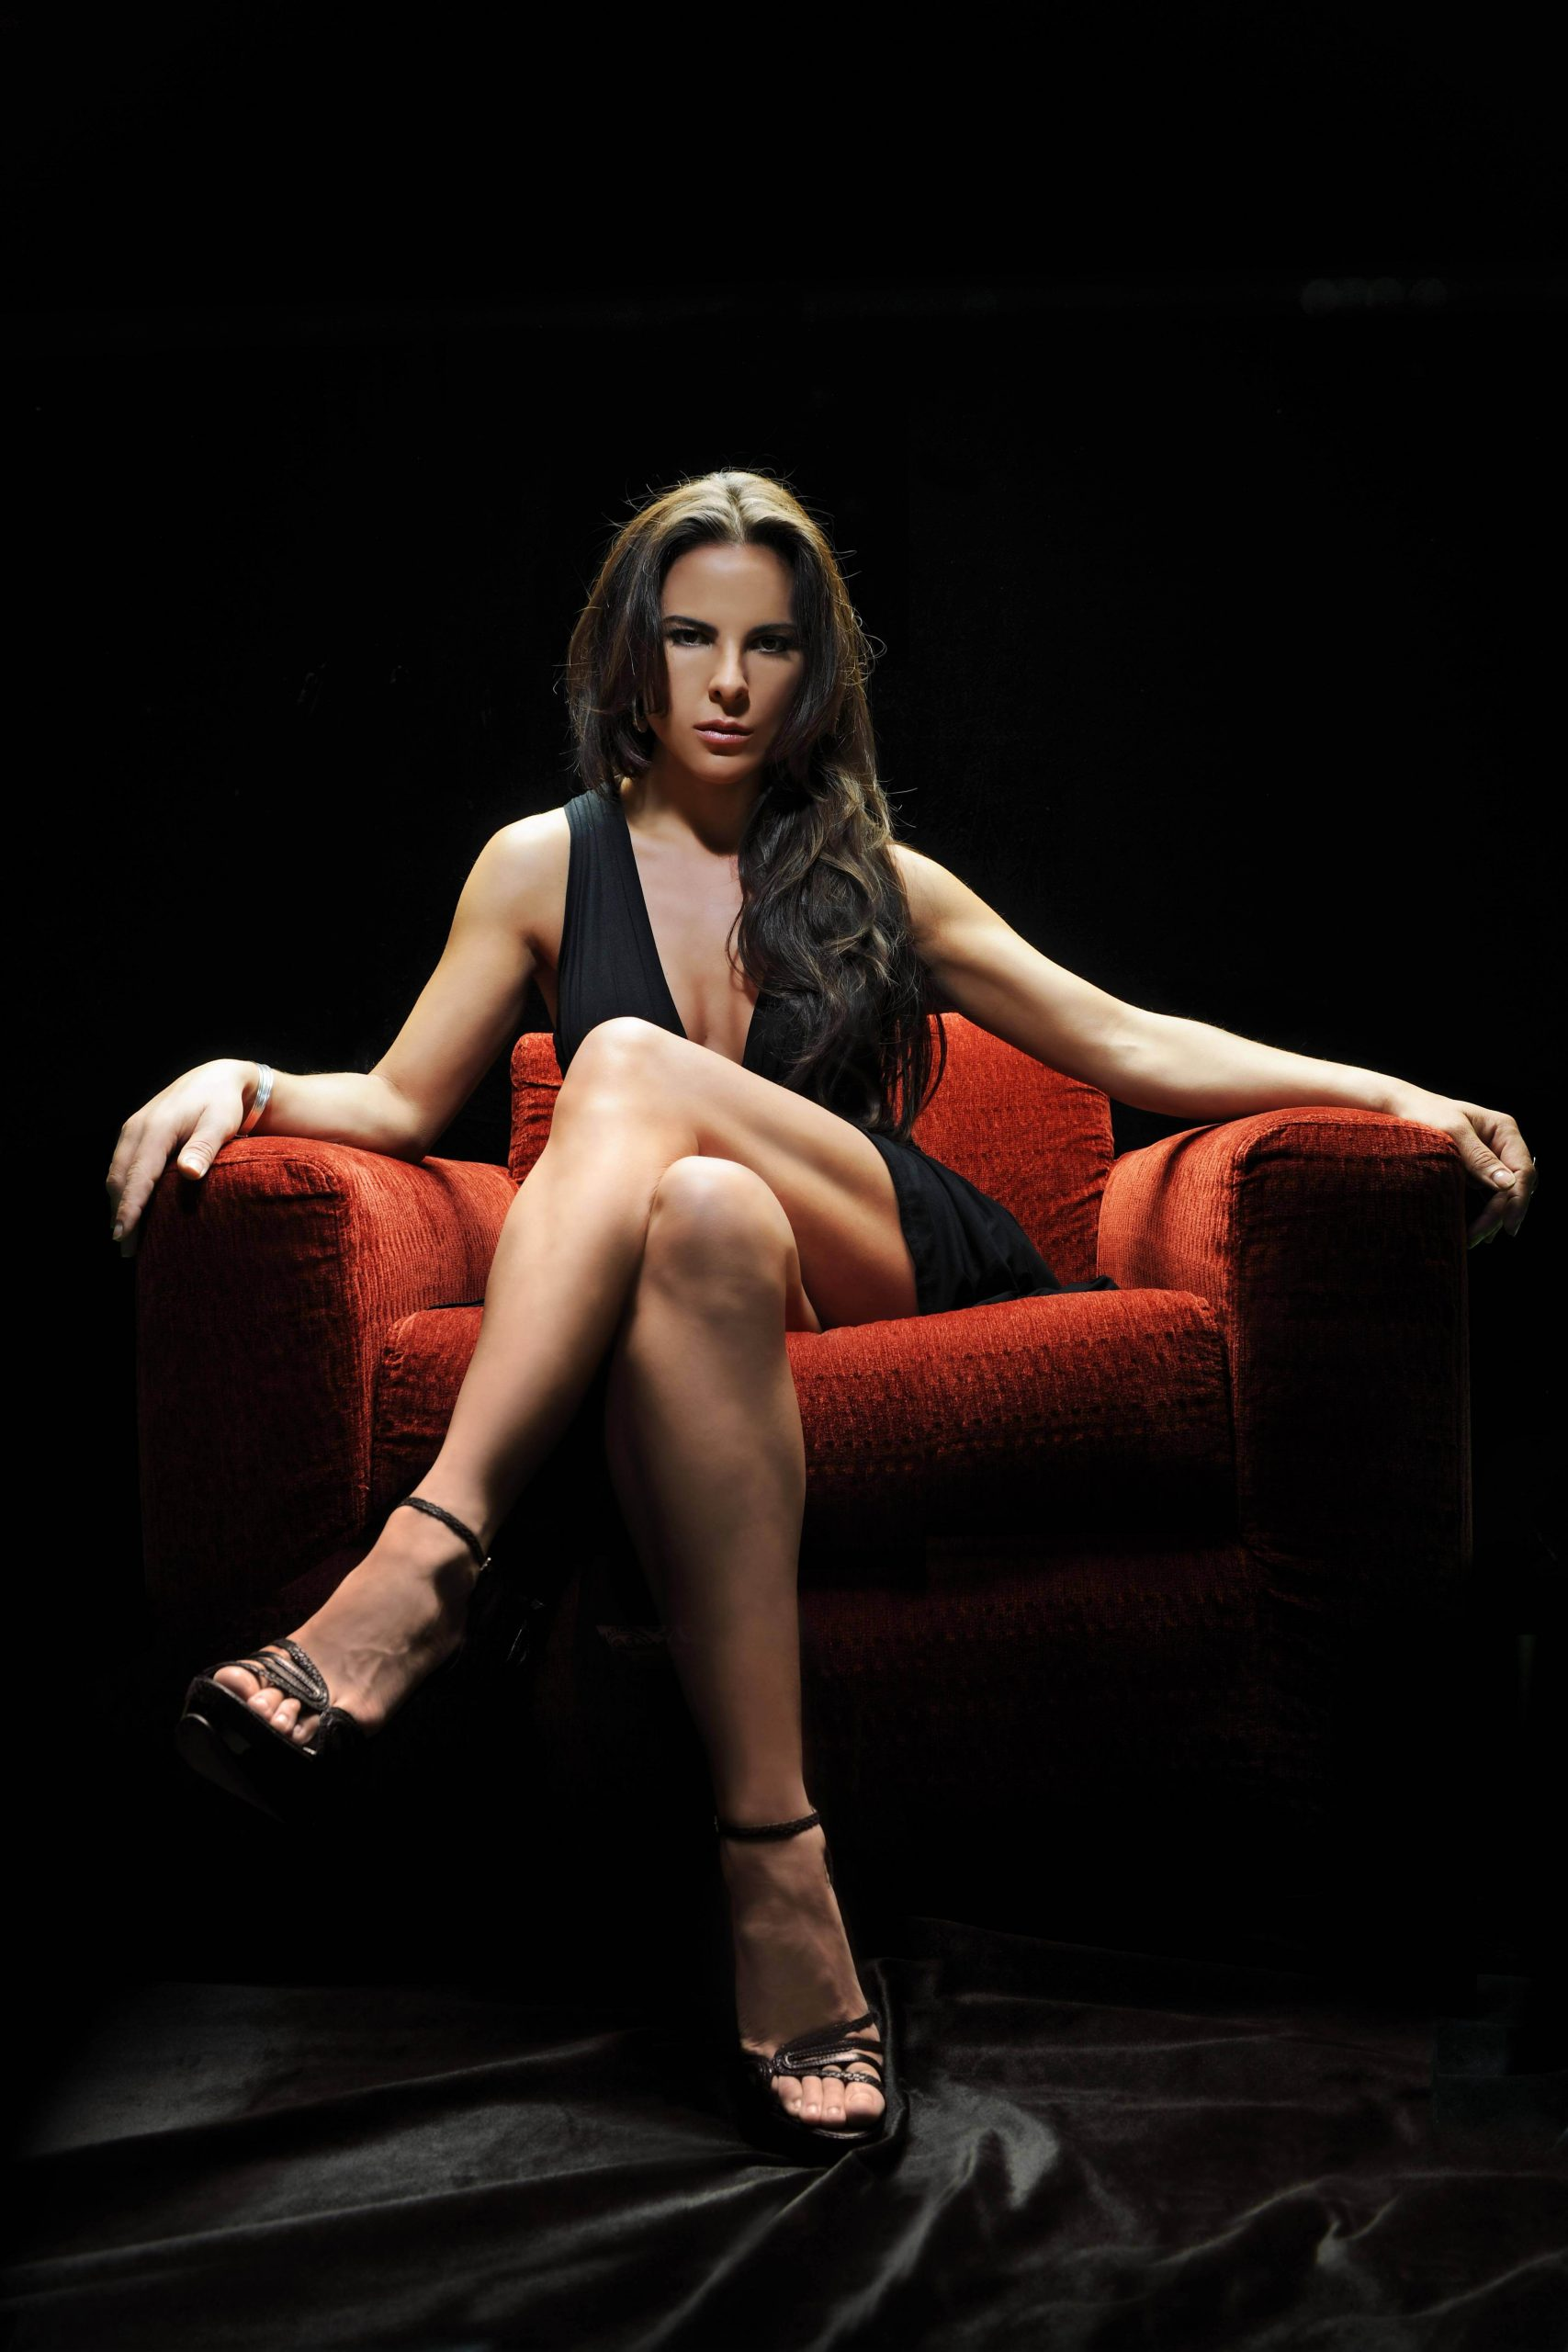 50 Hot And Sexy Kate Del Castillo Photos - 12thBlog